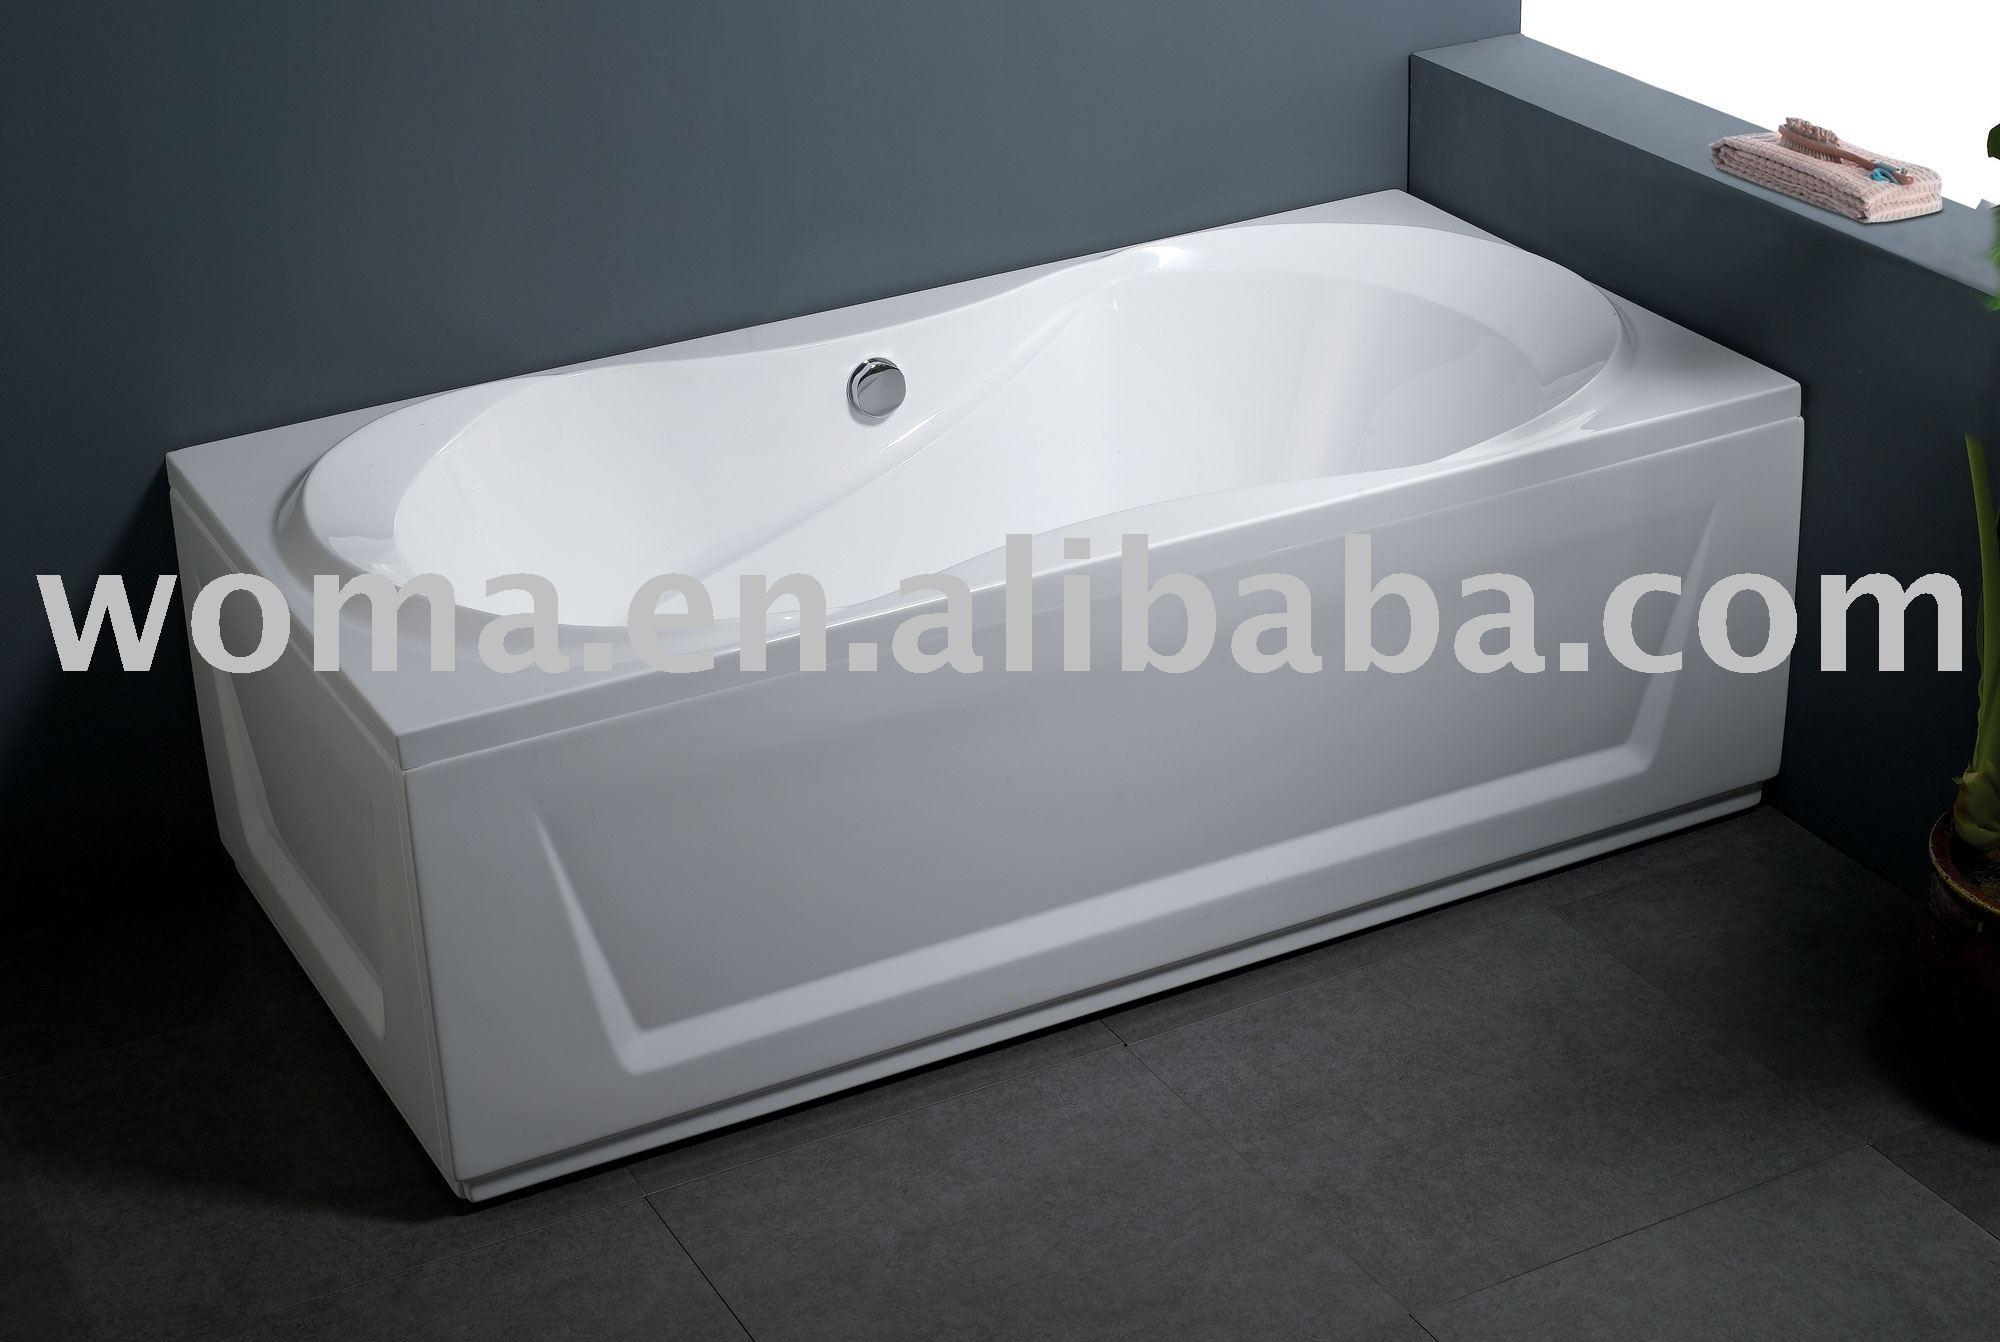 mobile jupe baignoire q110 baignoire bains. Black Bedroom Furniture Sets. Home Design Ideas